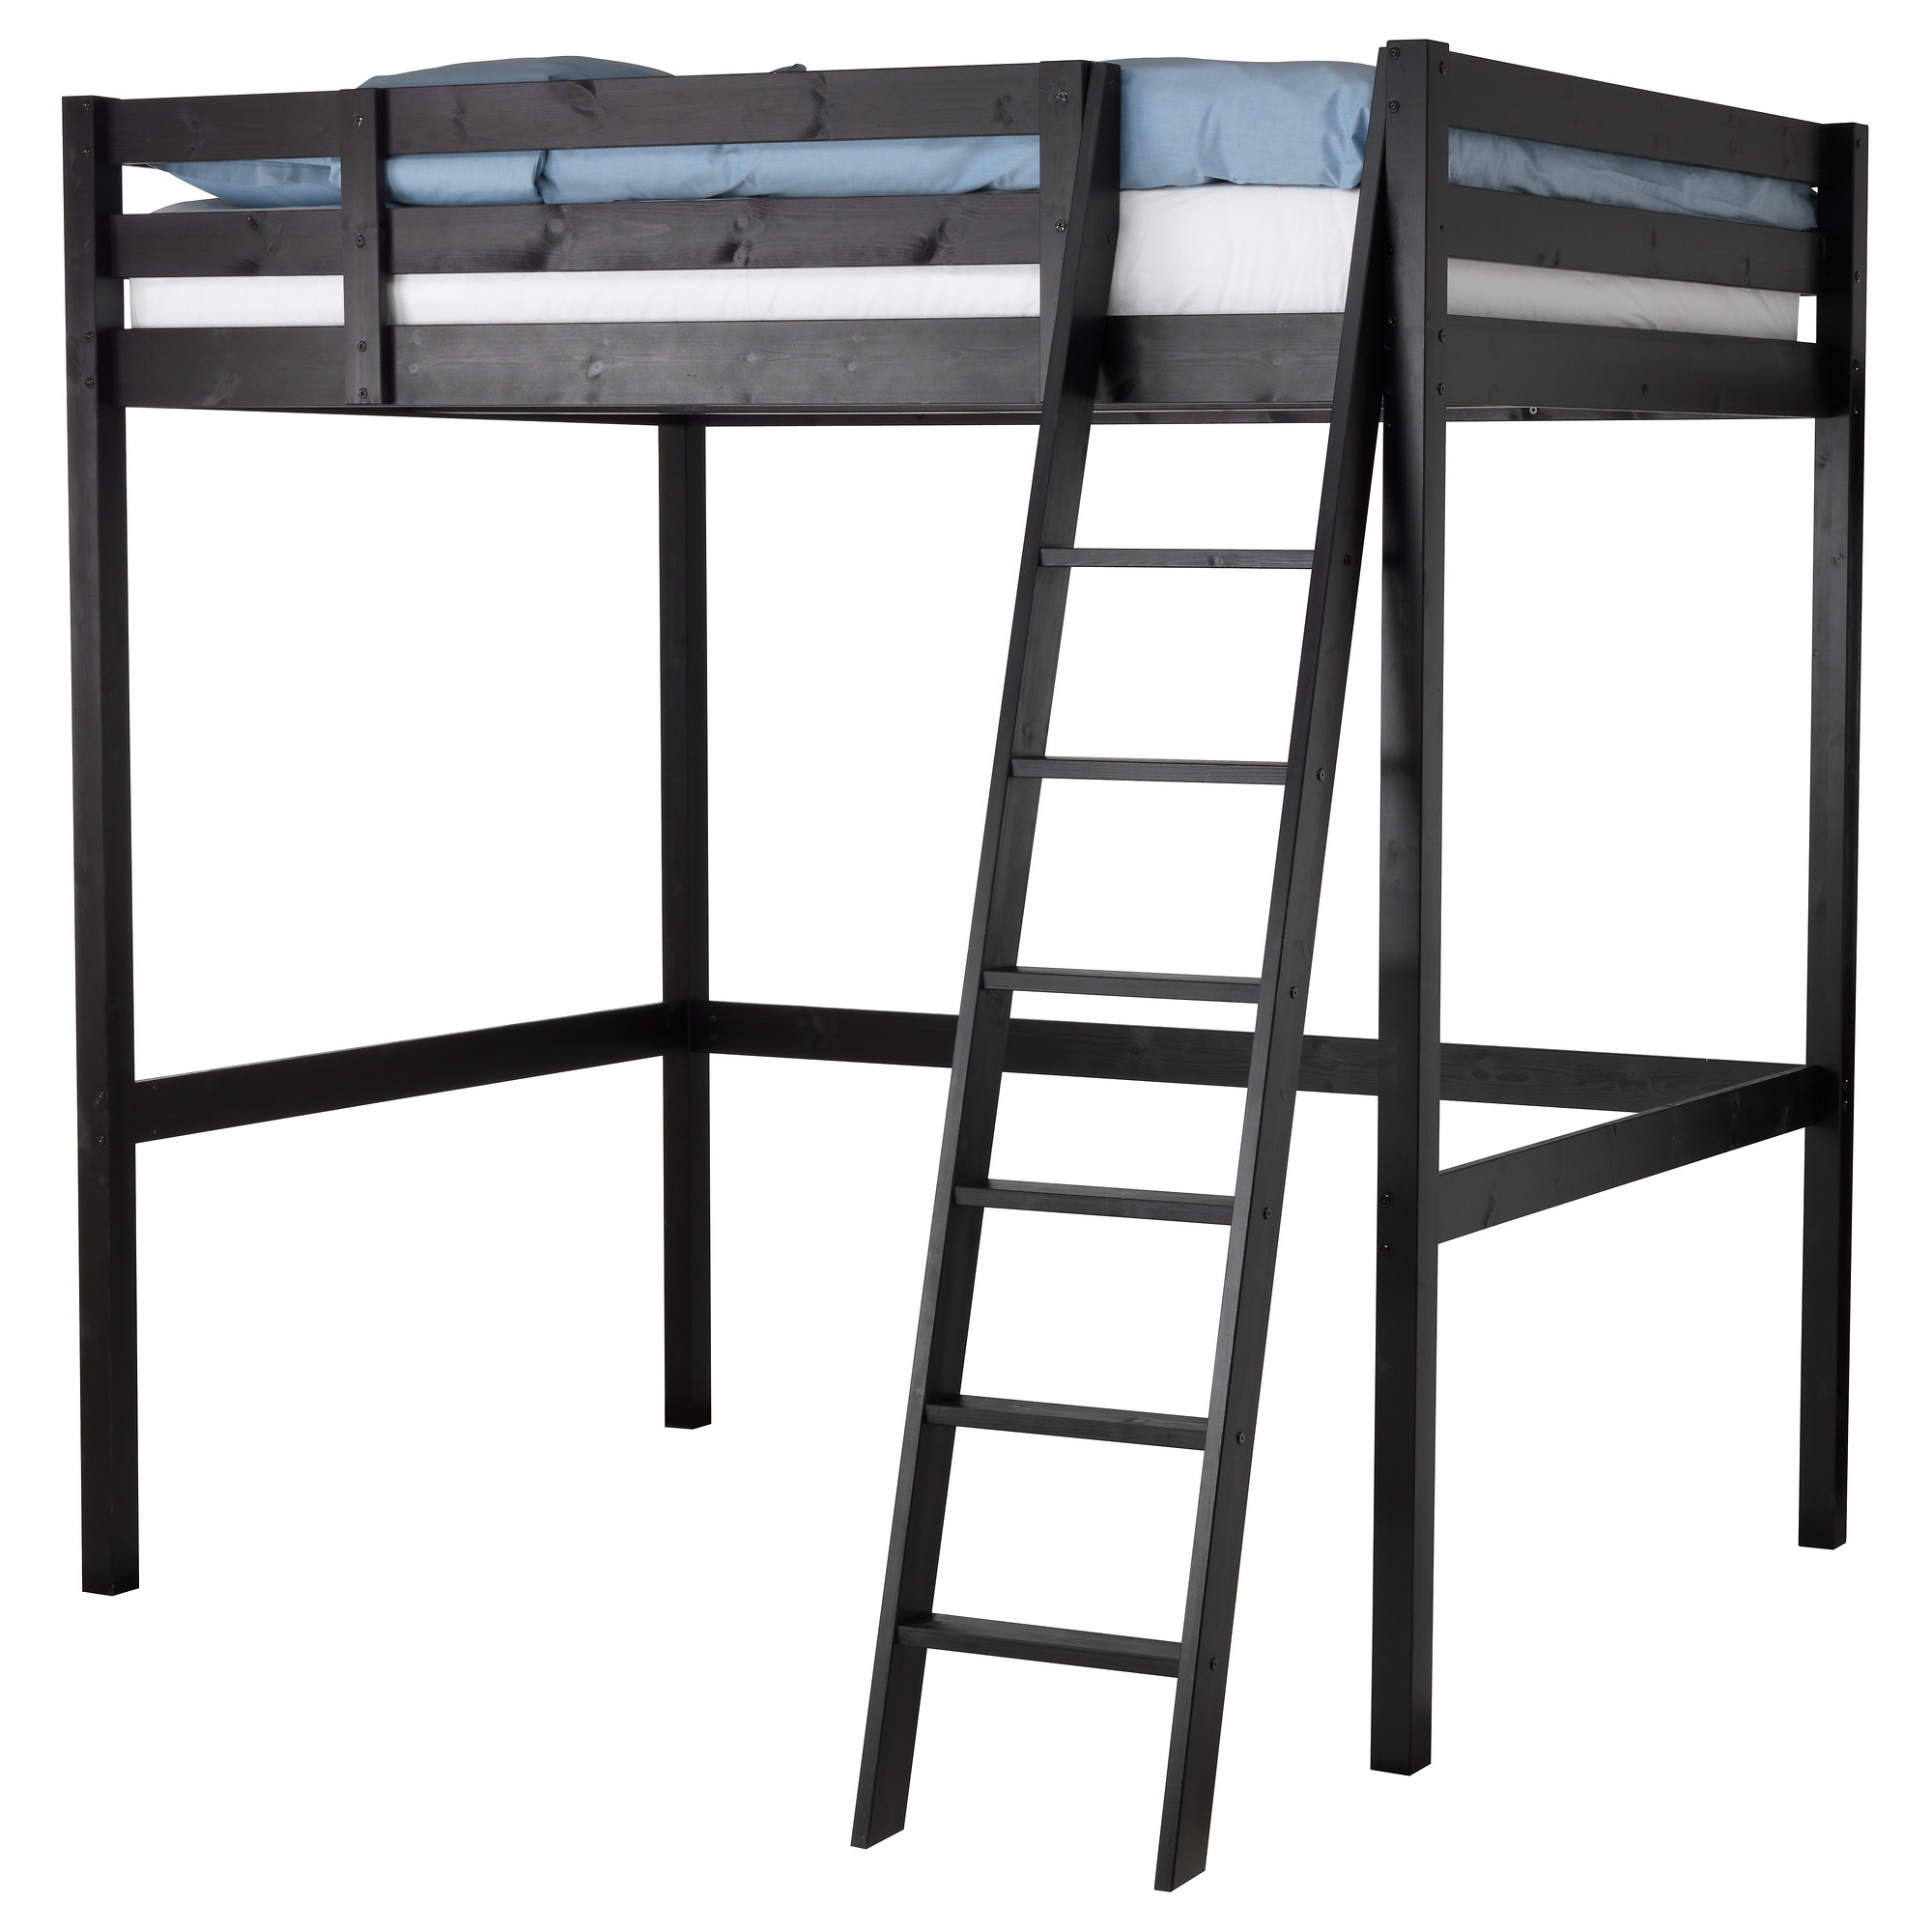 Stor estructura cama alta - Cama alta ikea ...